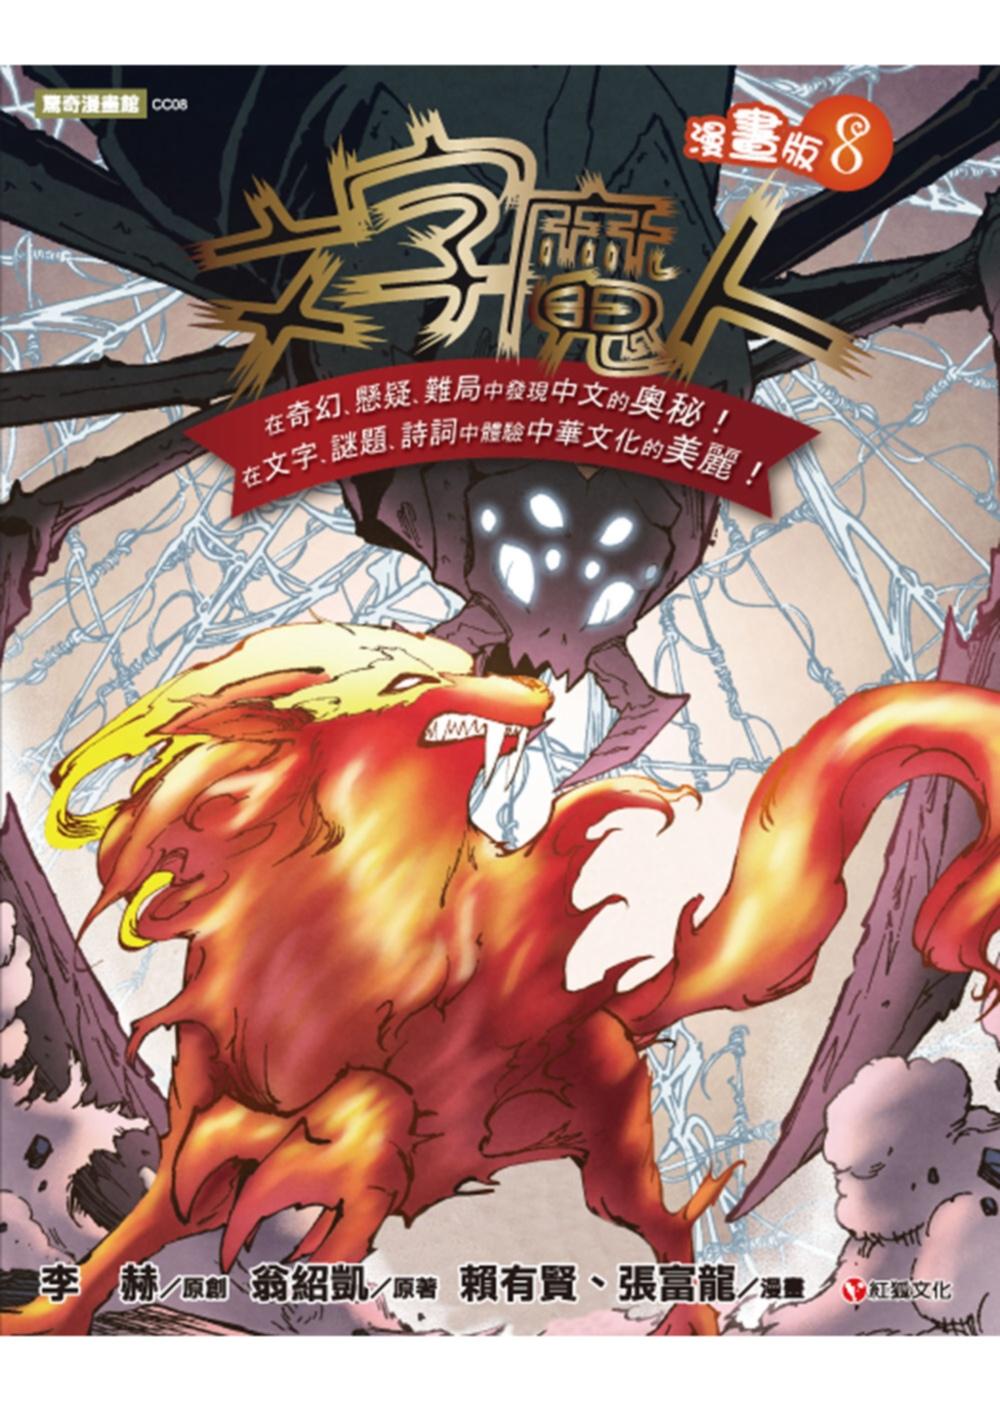 文字魔人漫畫版 8